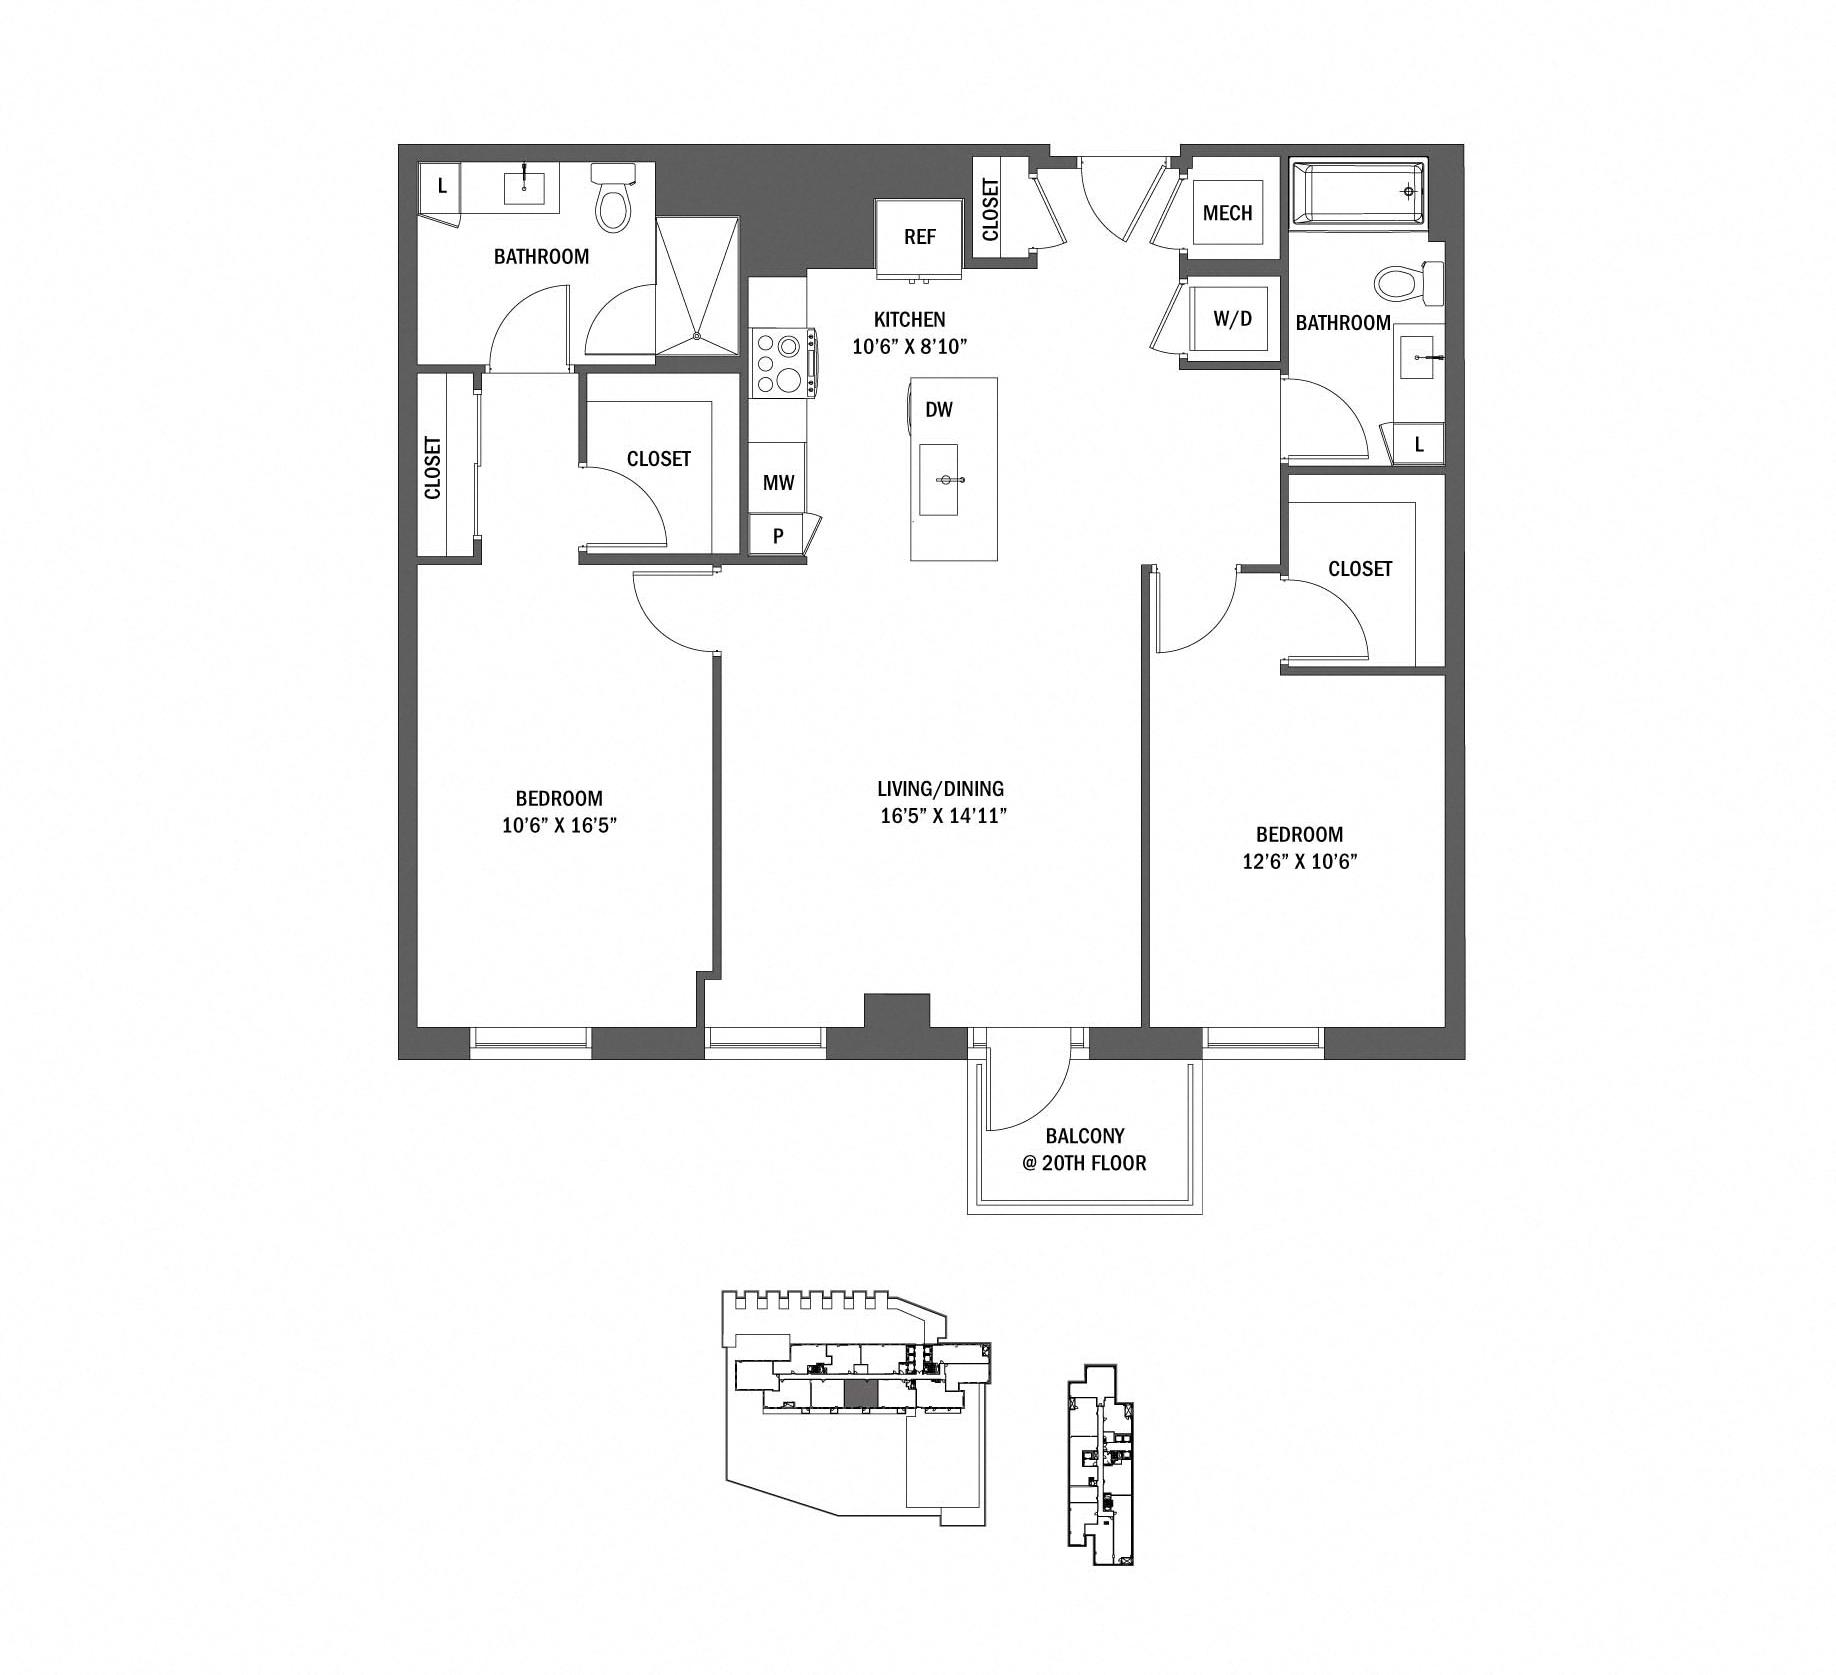 P0625338 w11 p 2 floorplan